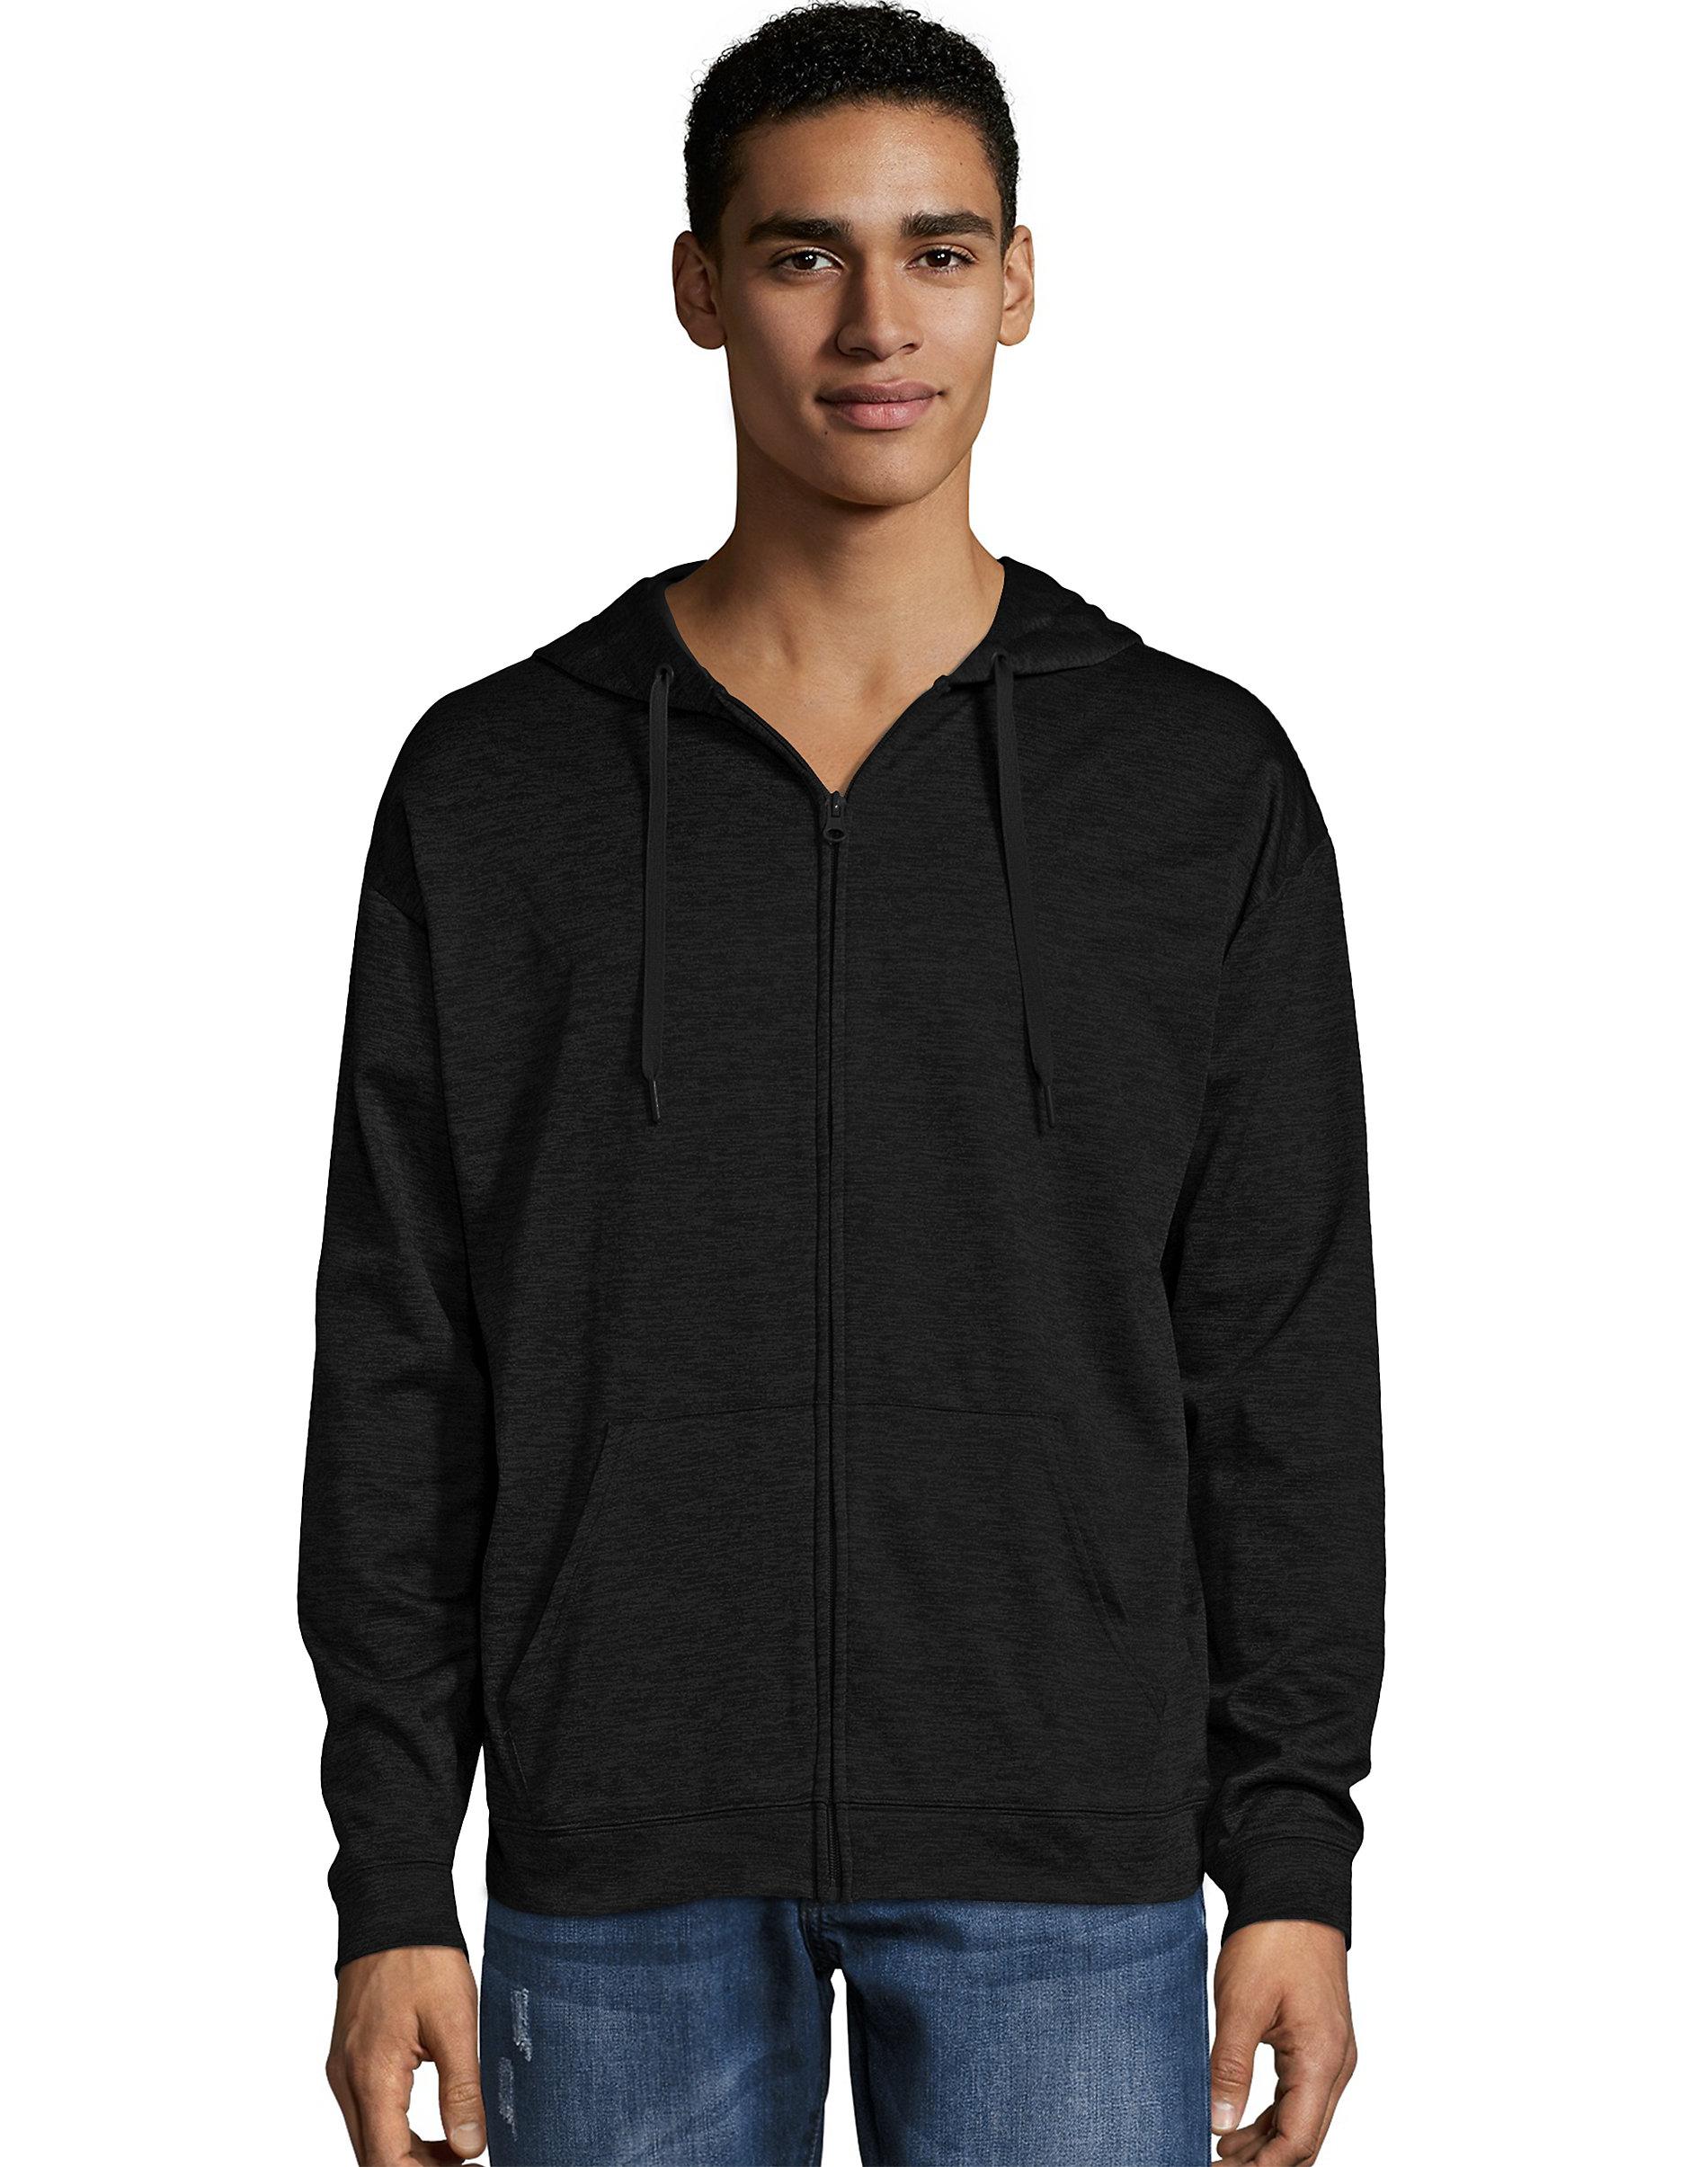 zip up hoodie sport men performance fleece